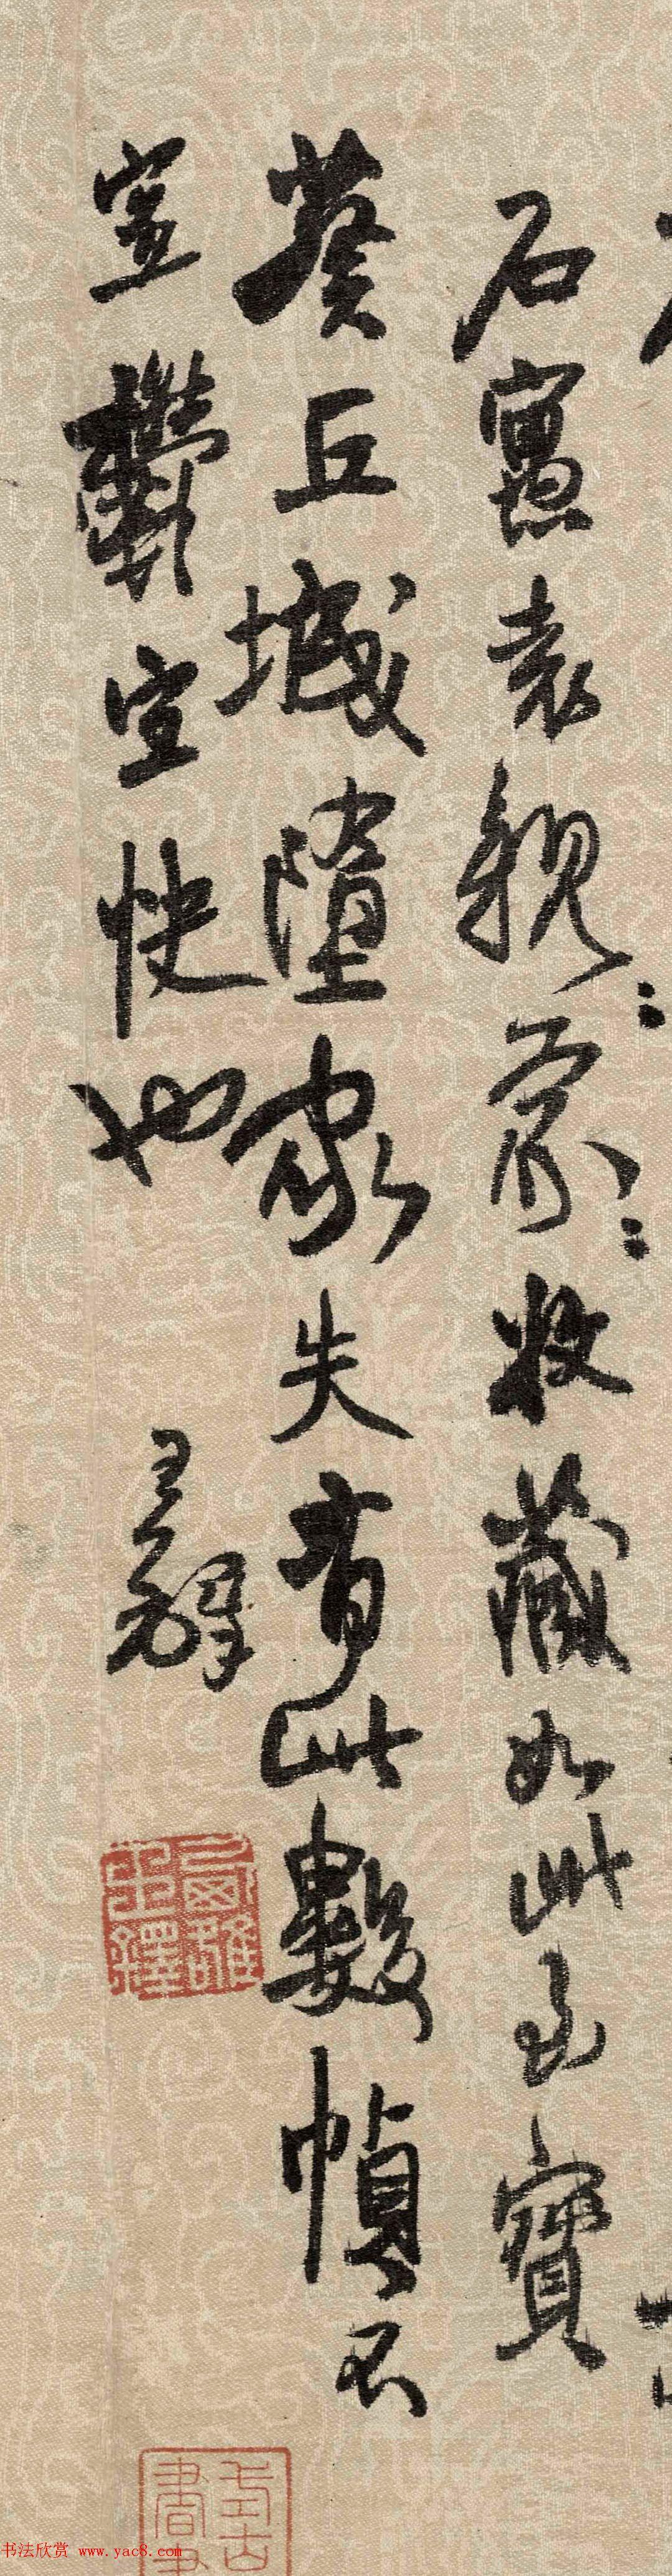 王铎行书题跋董源画卷2幅